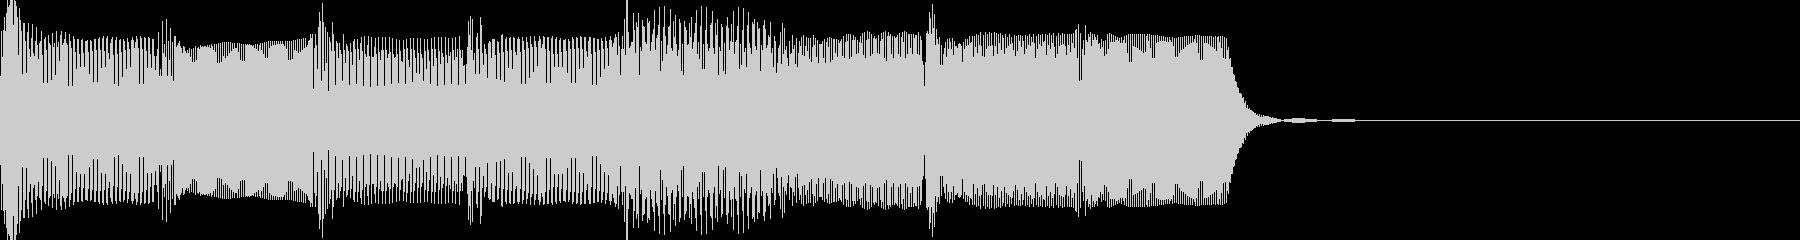 ピロピロの未再生の波形